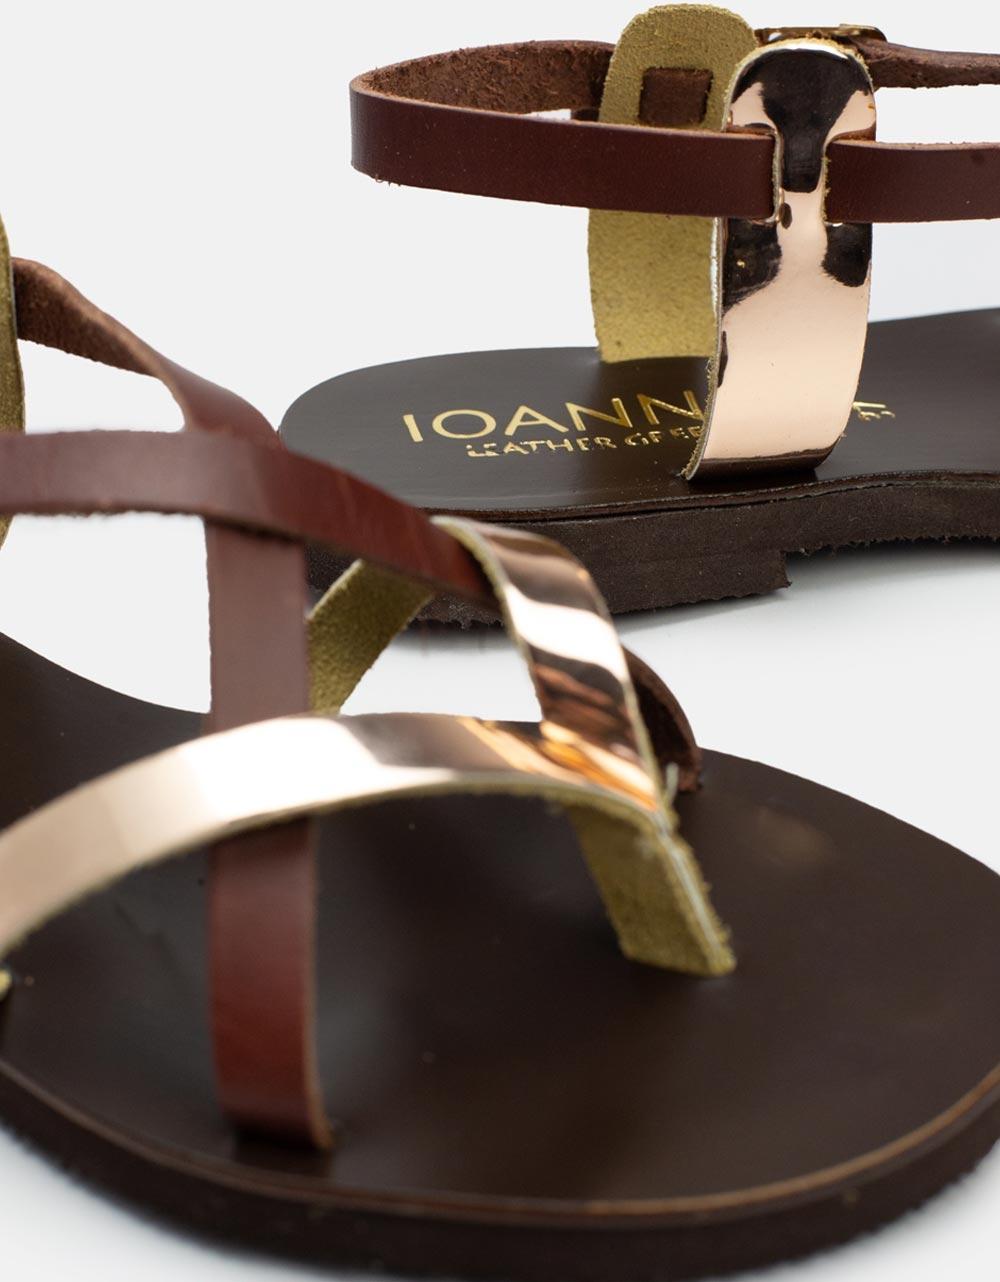 Εικόνα από Γυναικεία δερμάτινα δετά σανδάλια με χιαστί λουριά Καφέ/Χαλκός